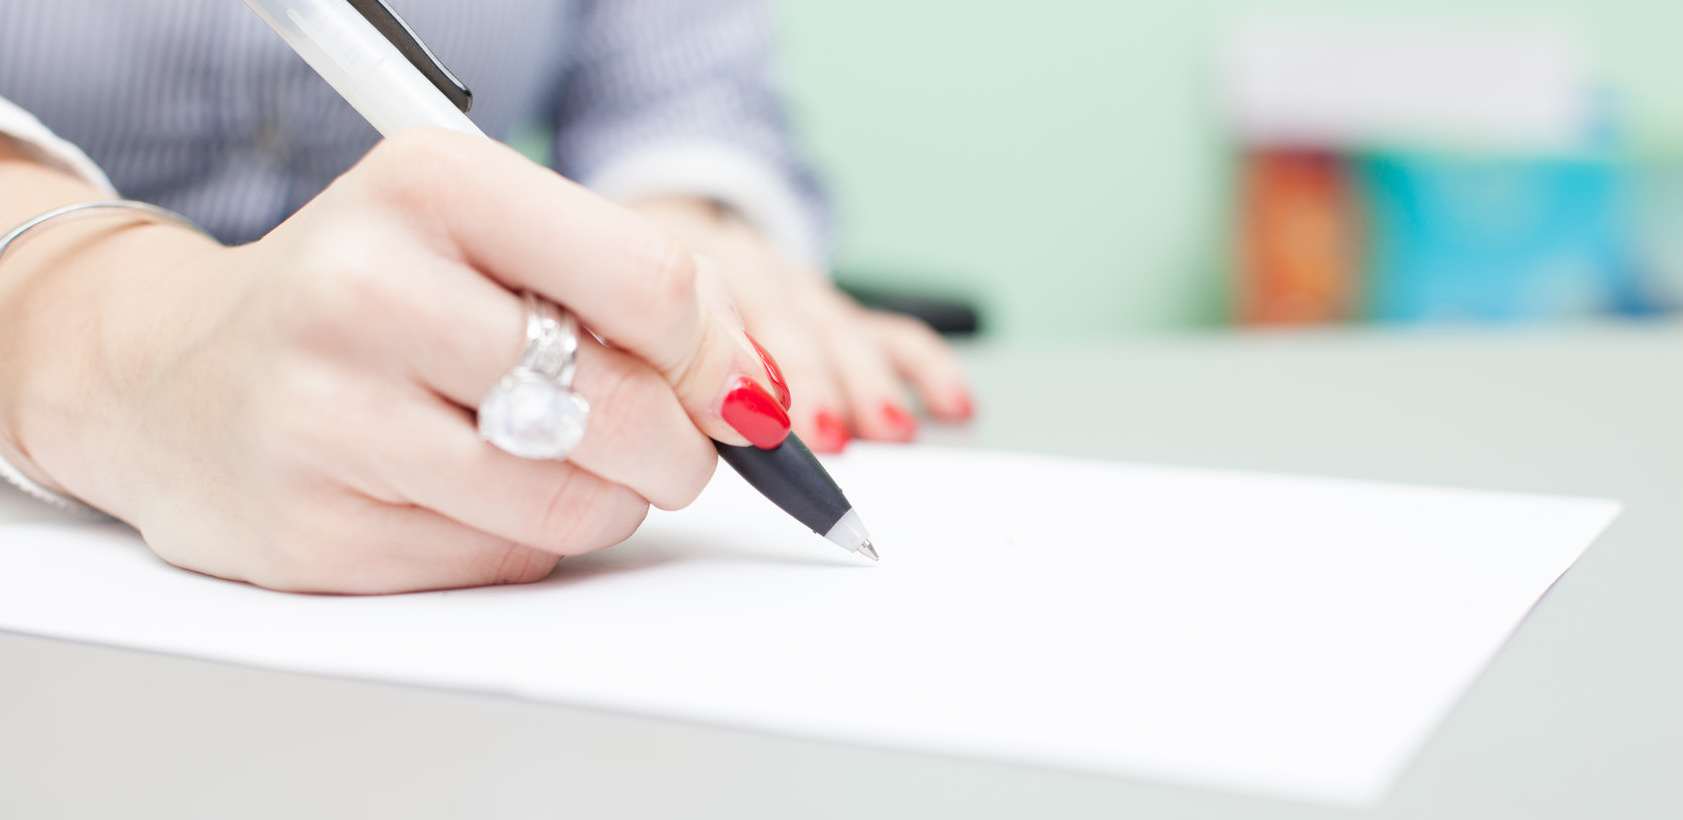 Женская рука, держащая ручку